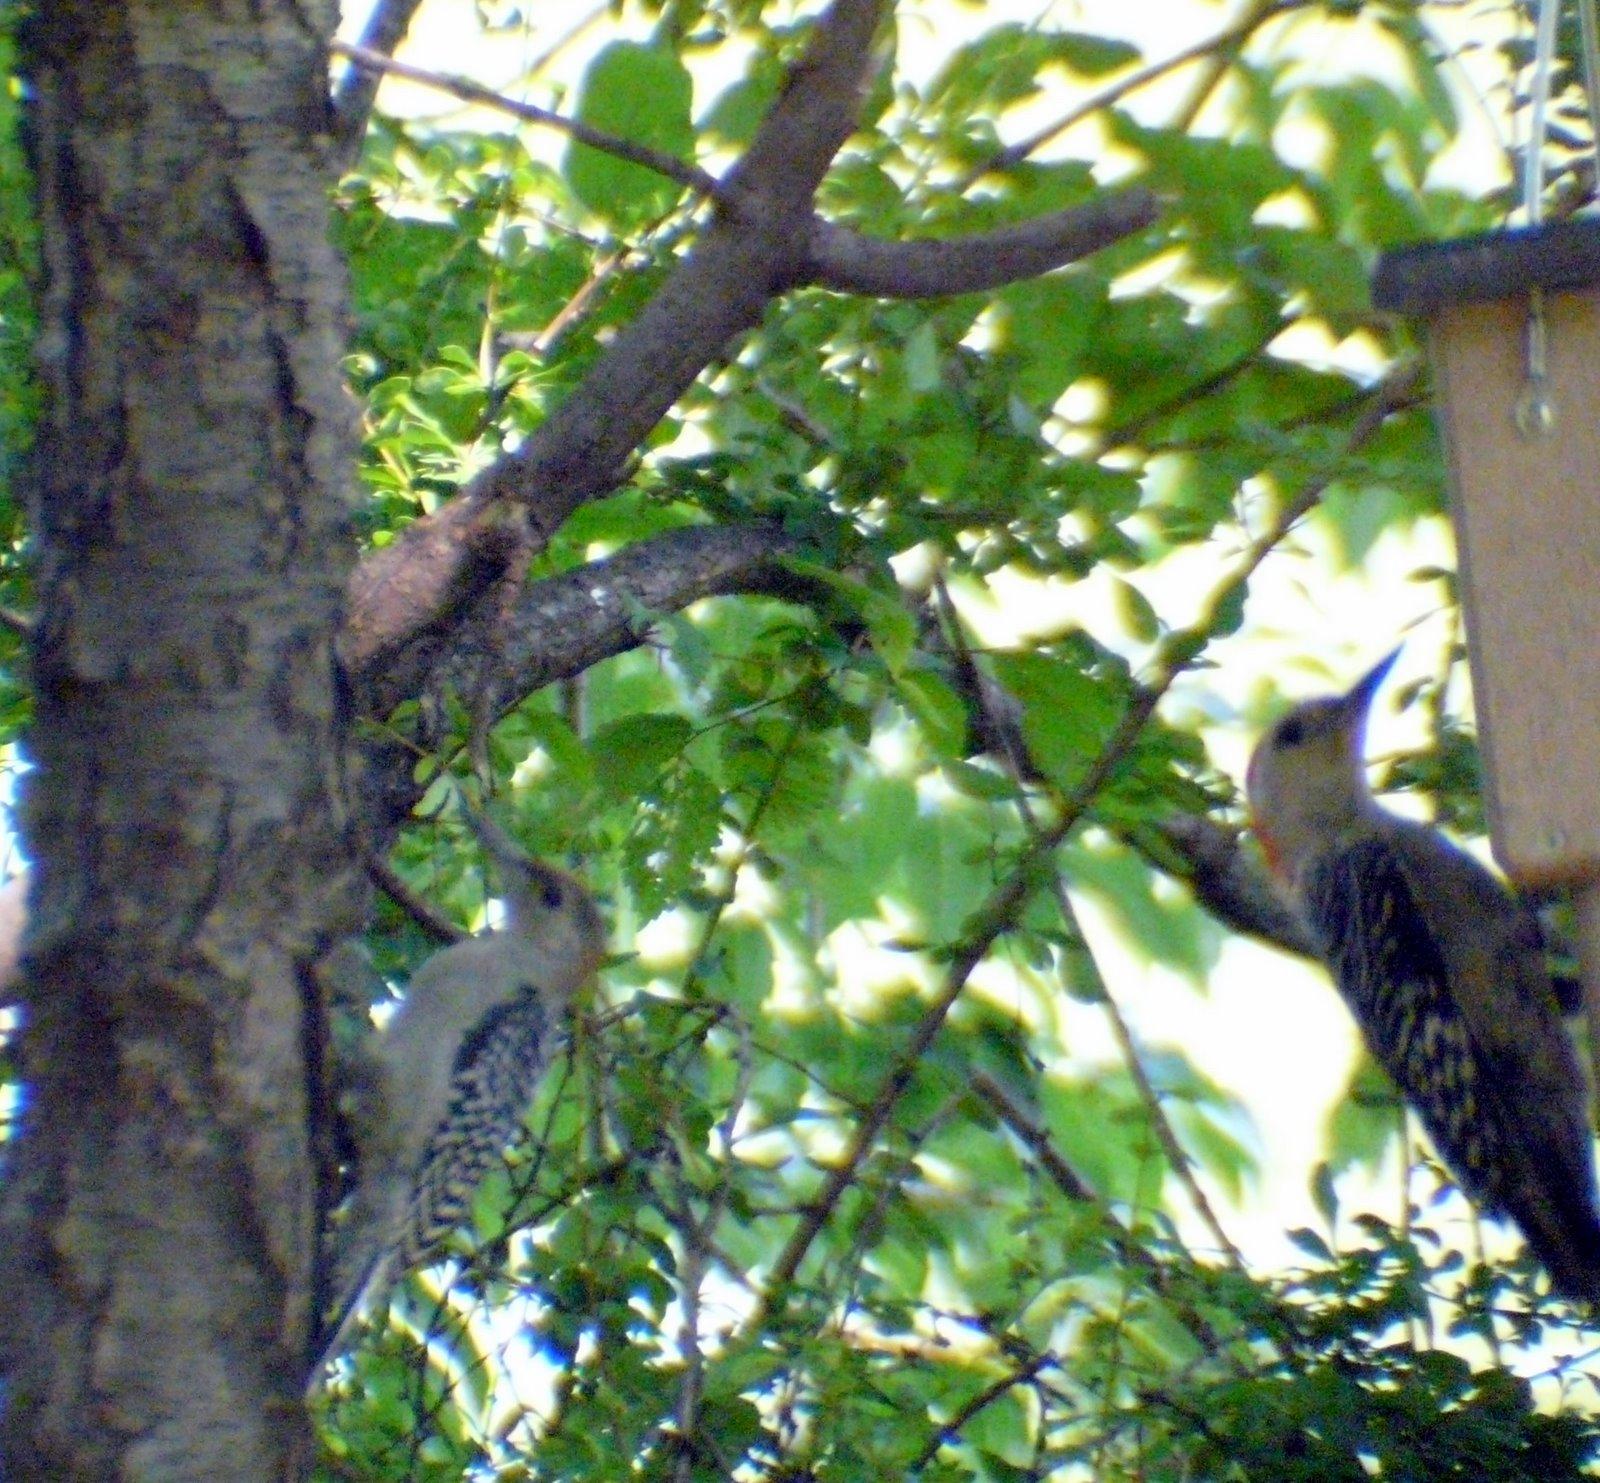 Red Bellied Woodpecker Babies Baby Red Bellied Woodpecker